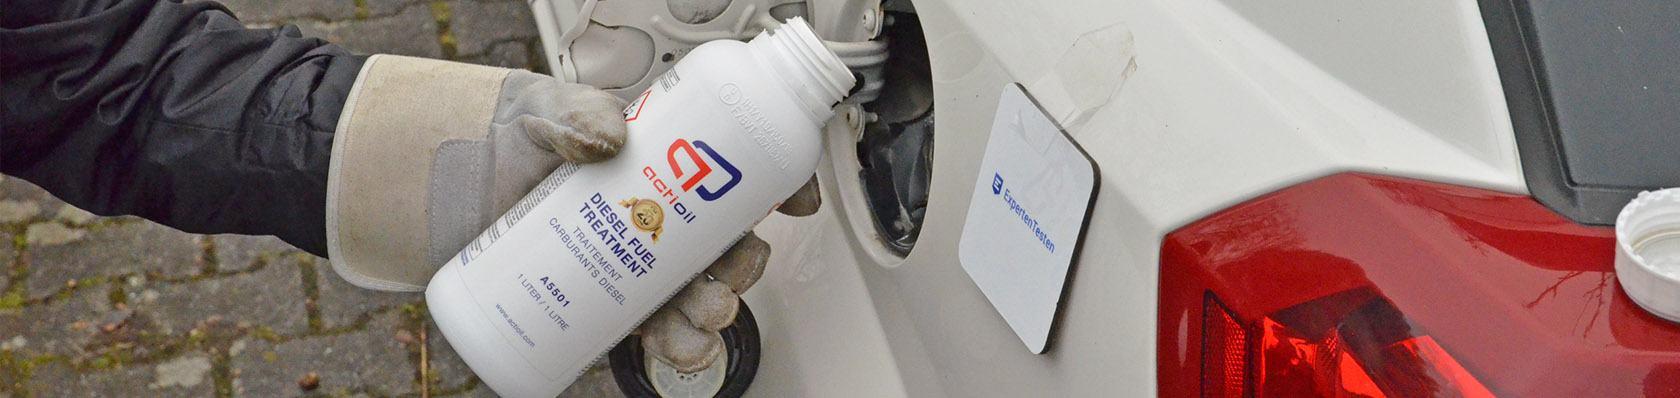 Diesel Additive im Test auf ExpertenTesten.de